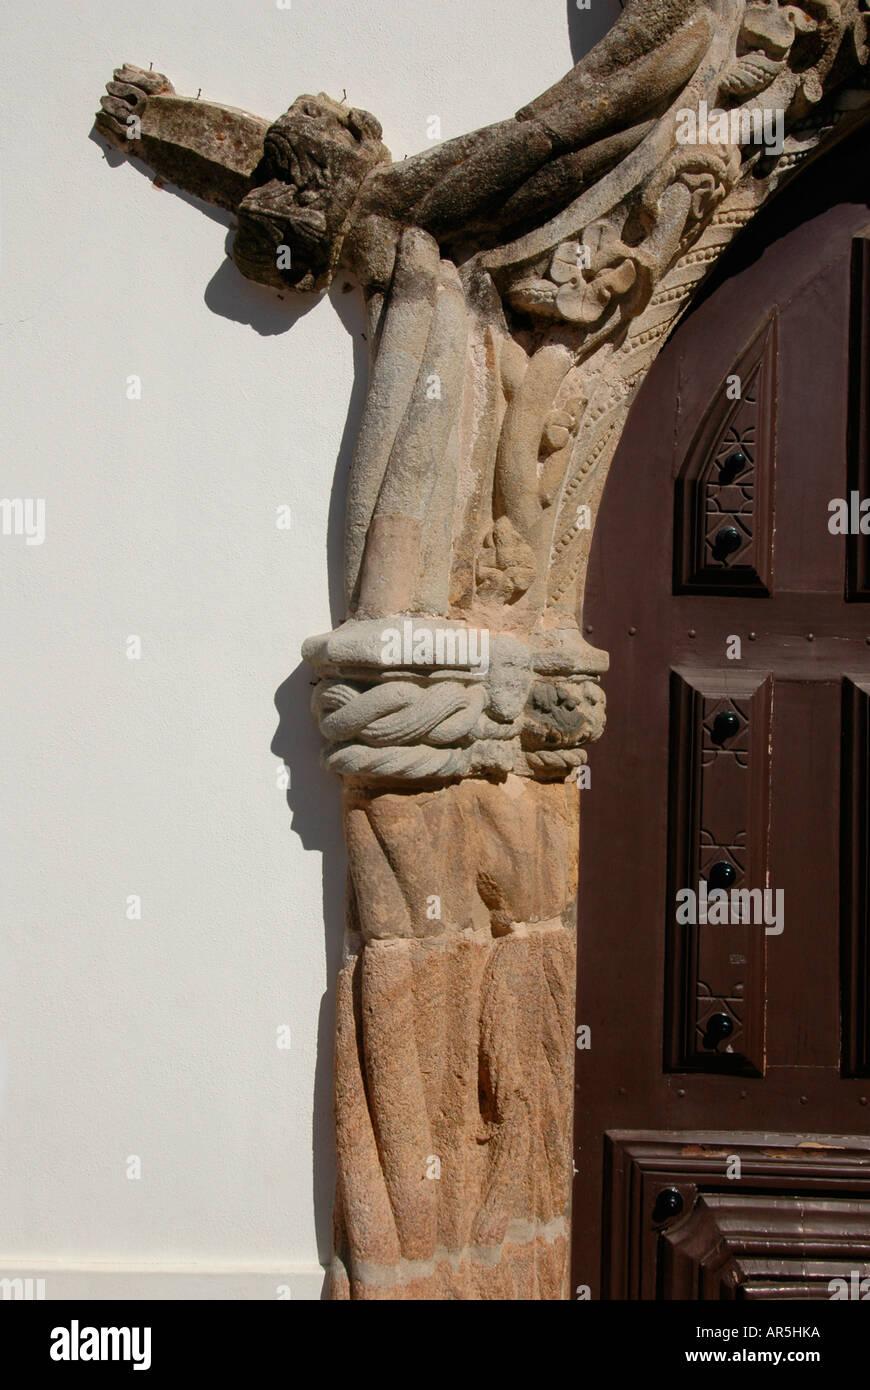 Twisted Pillars Stockfotos und bilder Kaufen Alamy